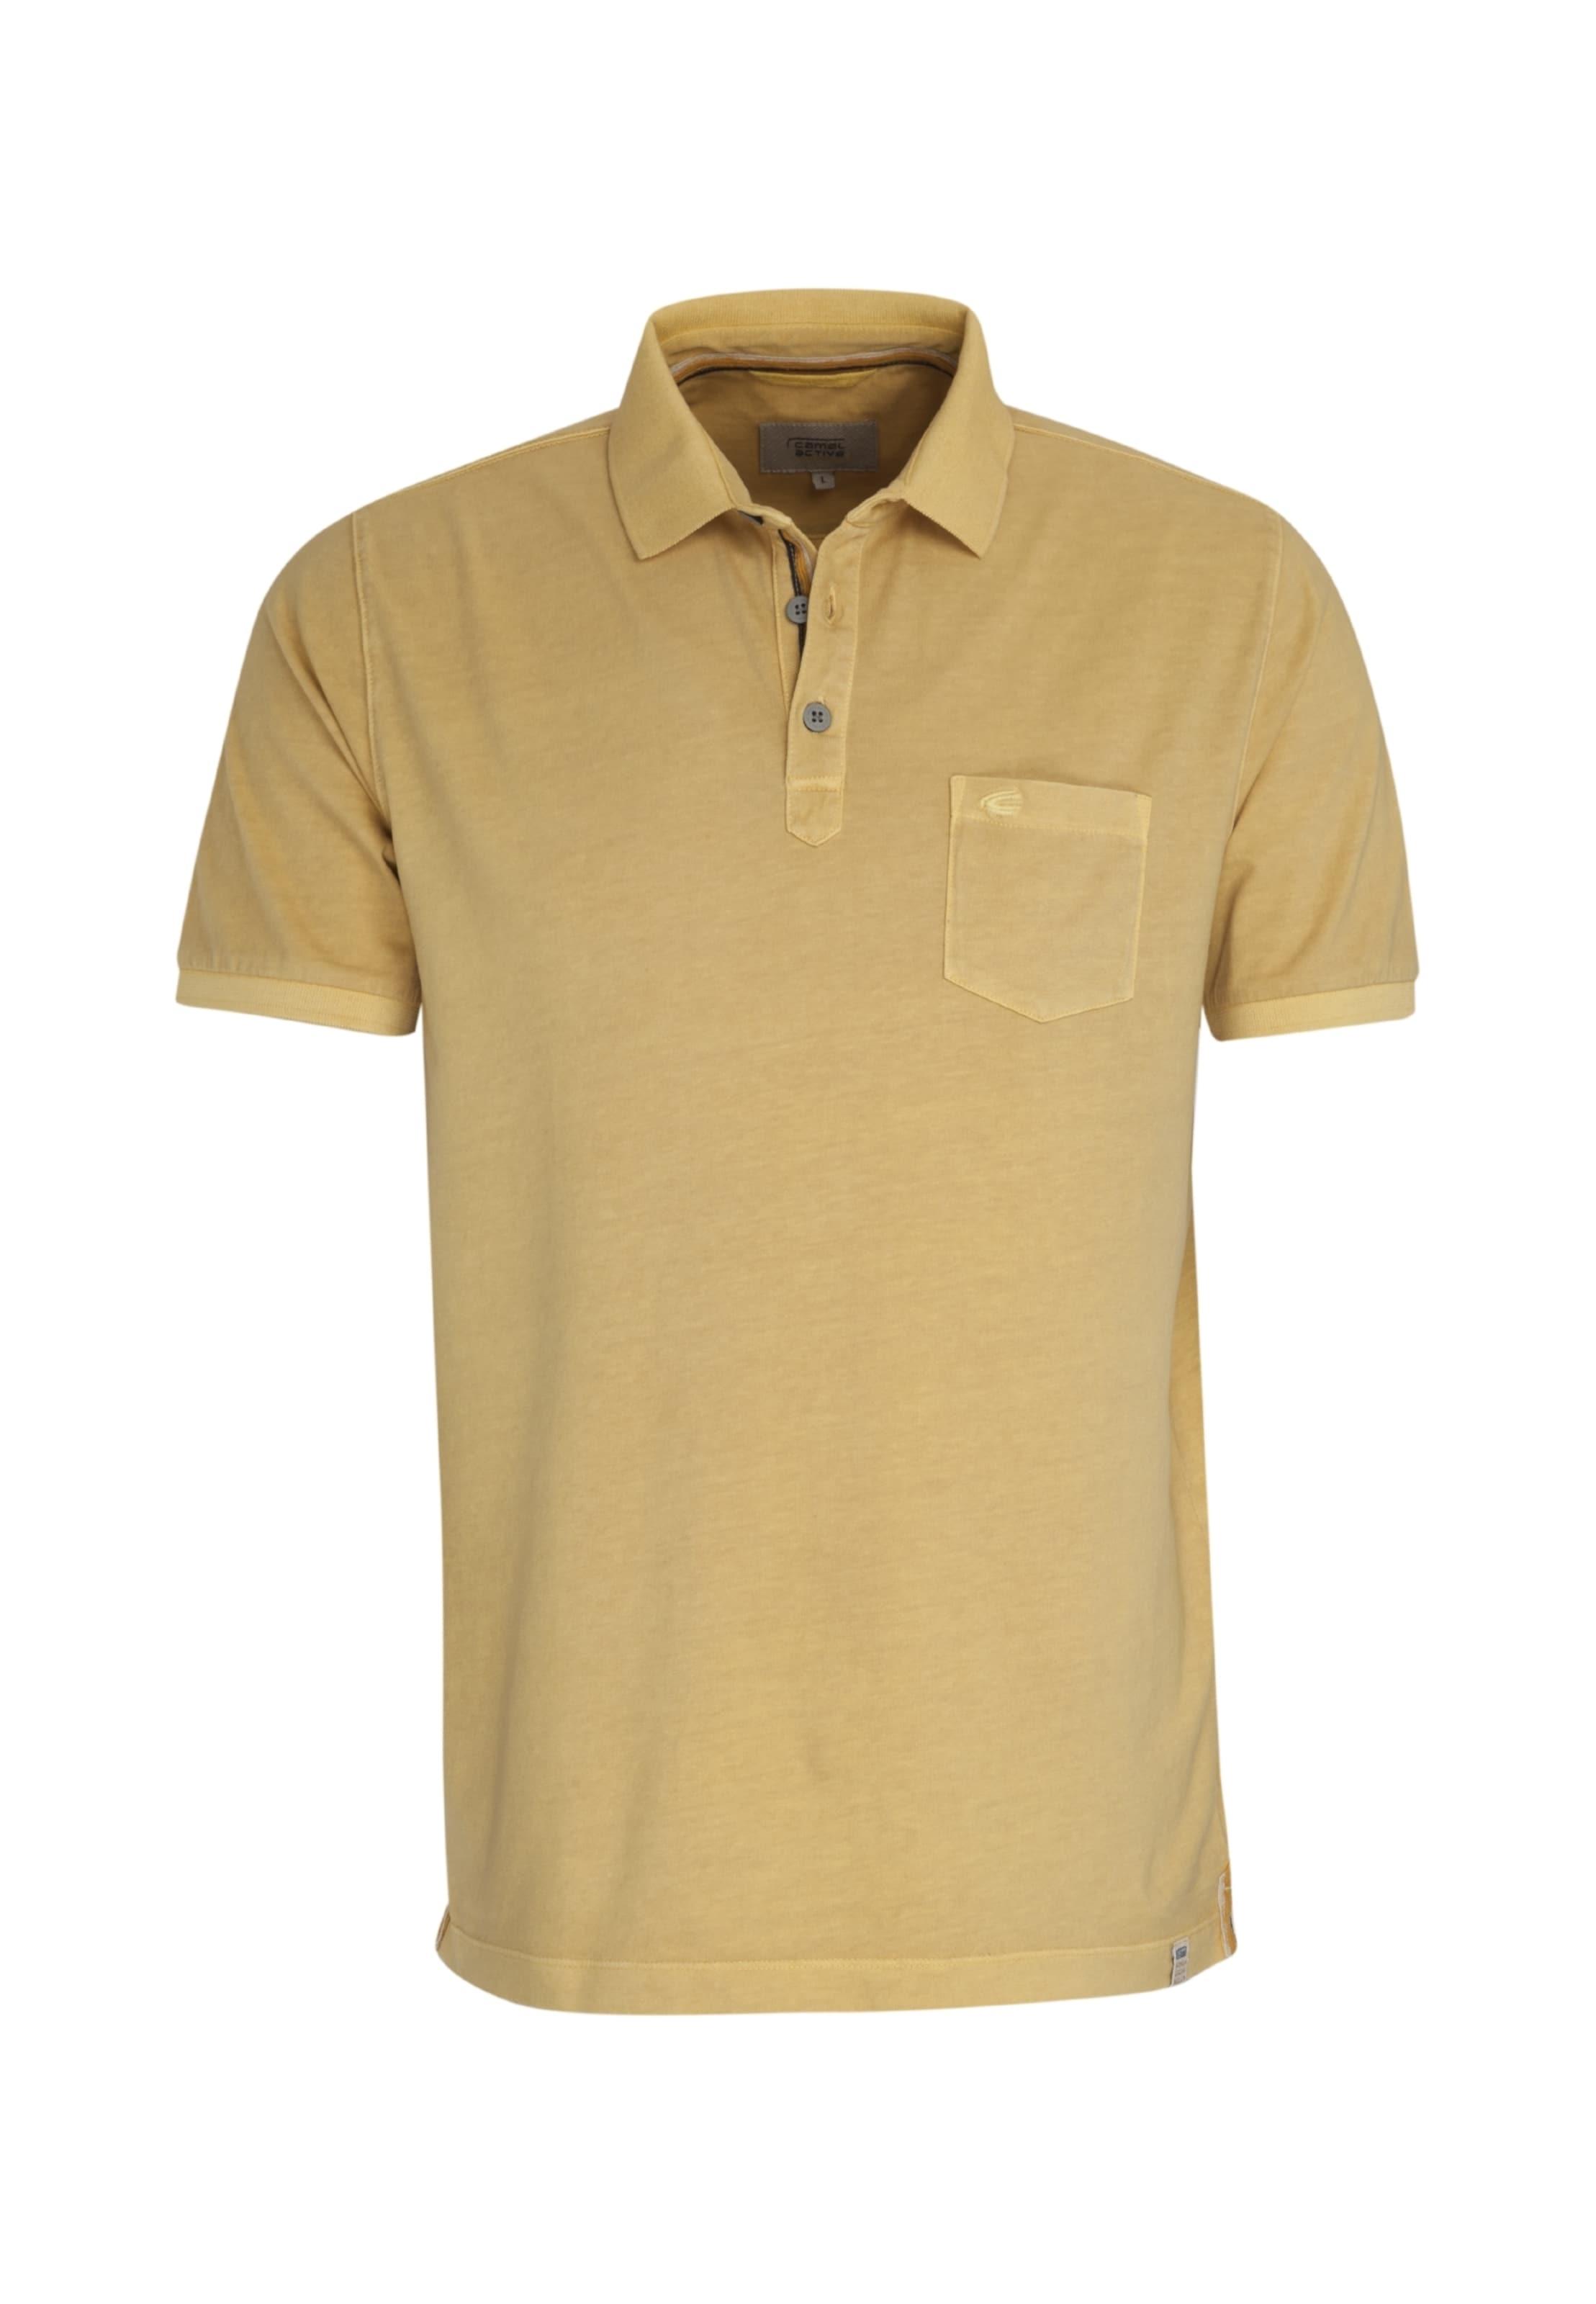 Camel Active shirt Marine T En KlJ3TF1uc